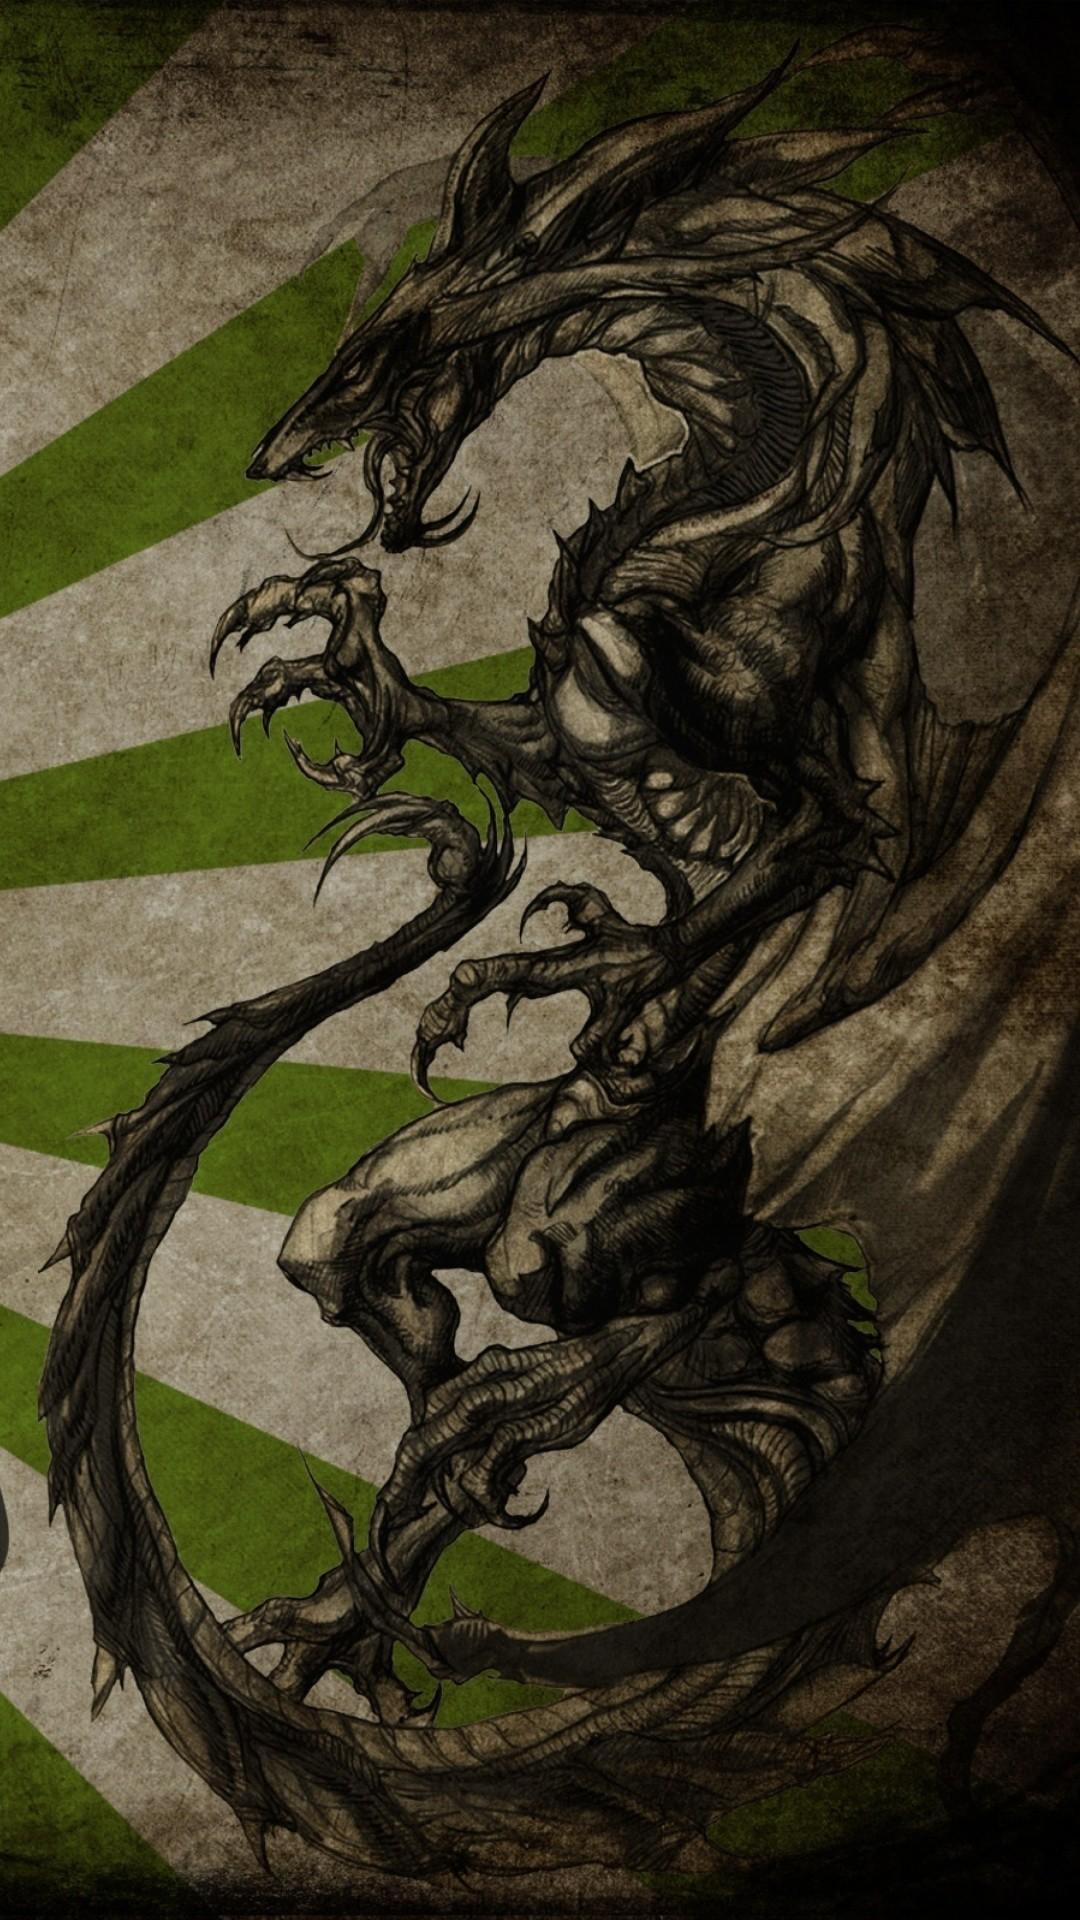 Dragon Kanji or Taito in Japanese 1080×1920.